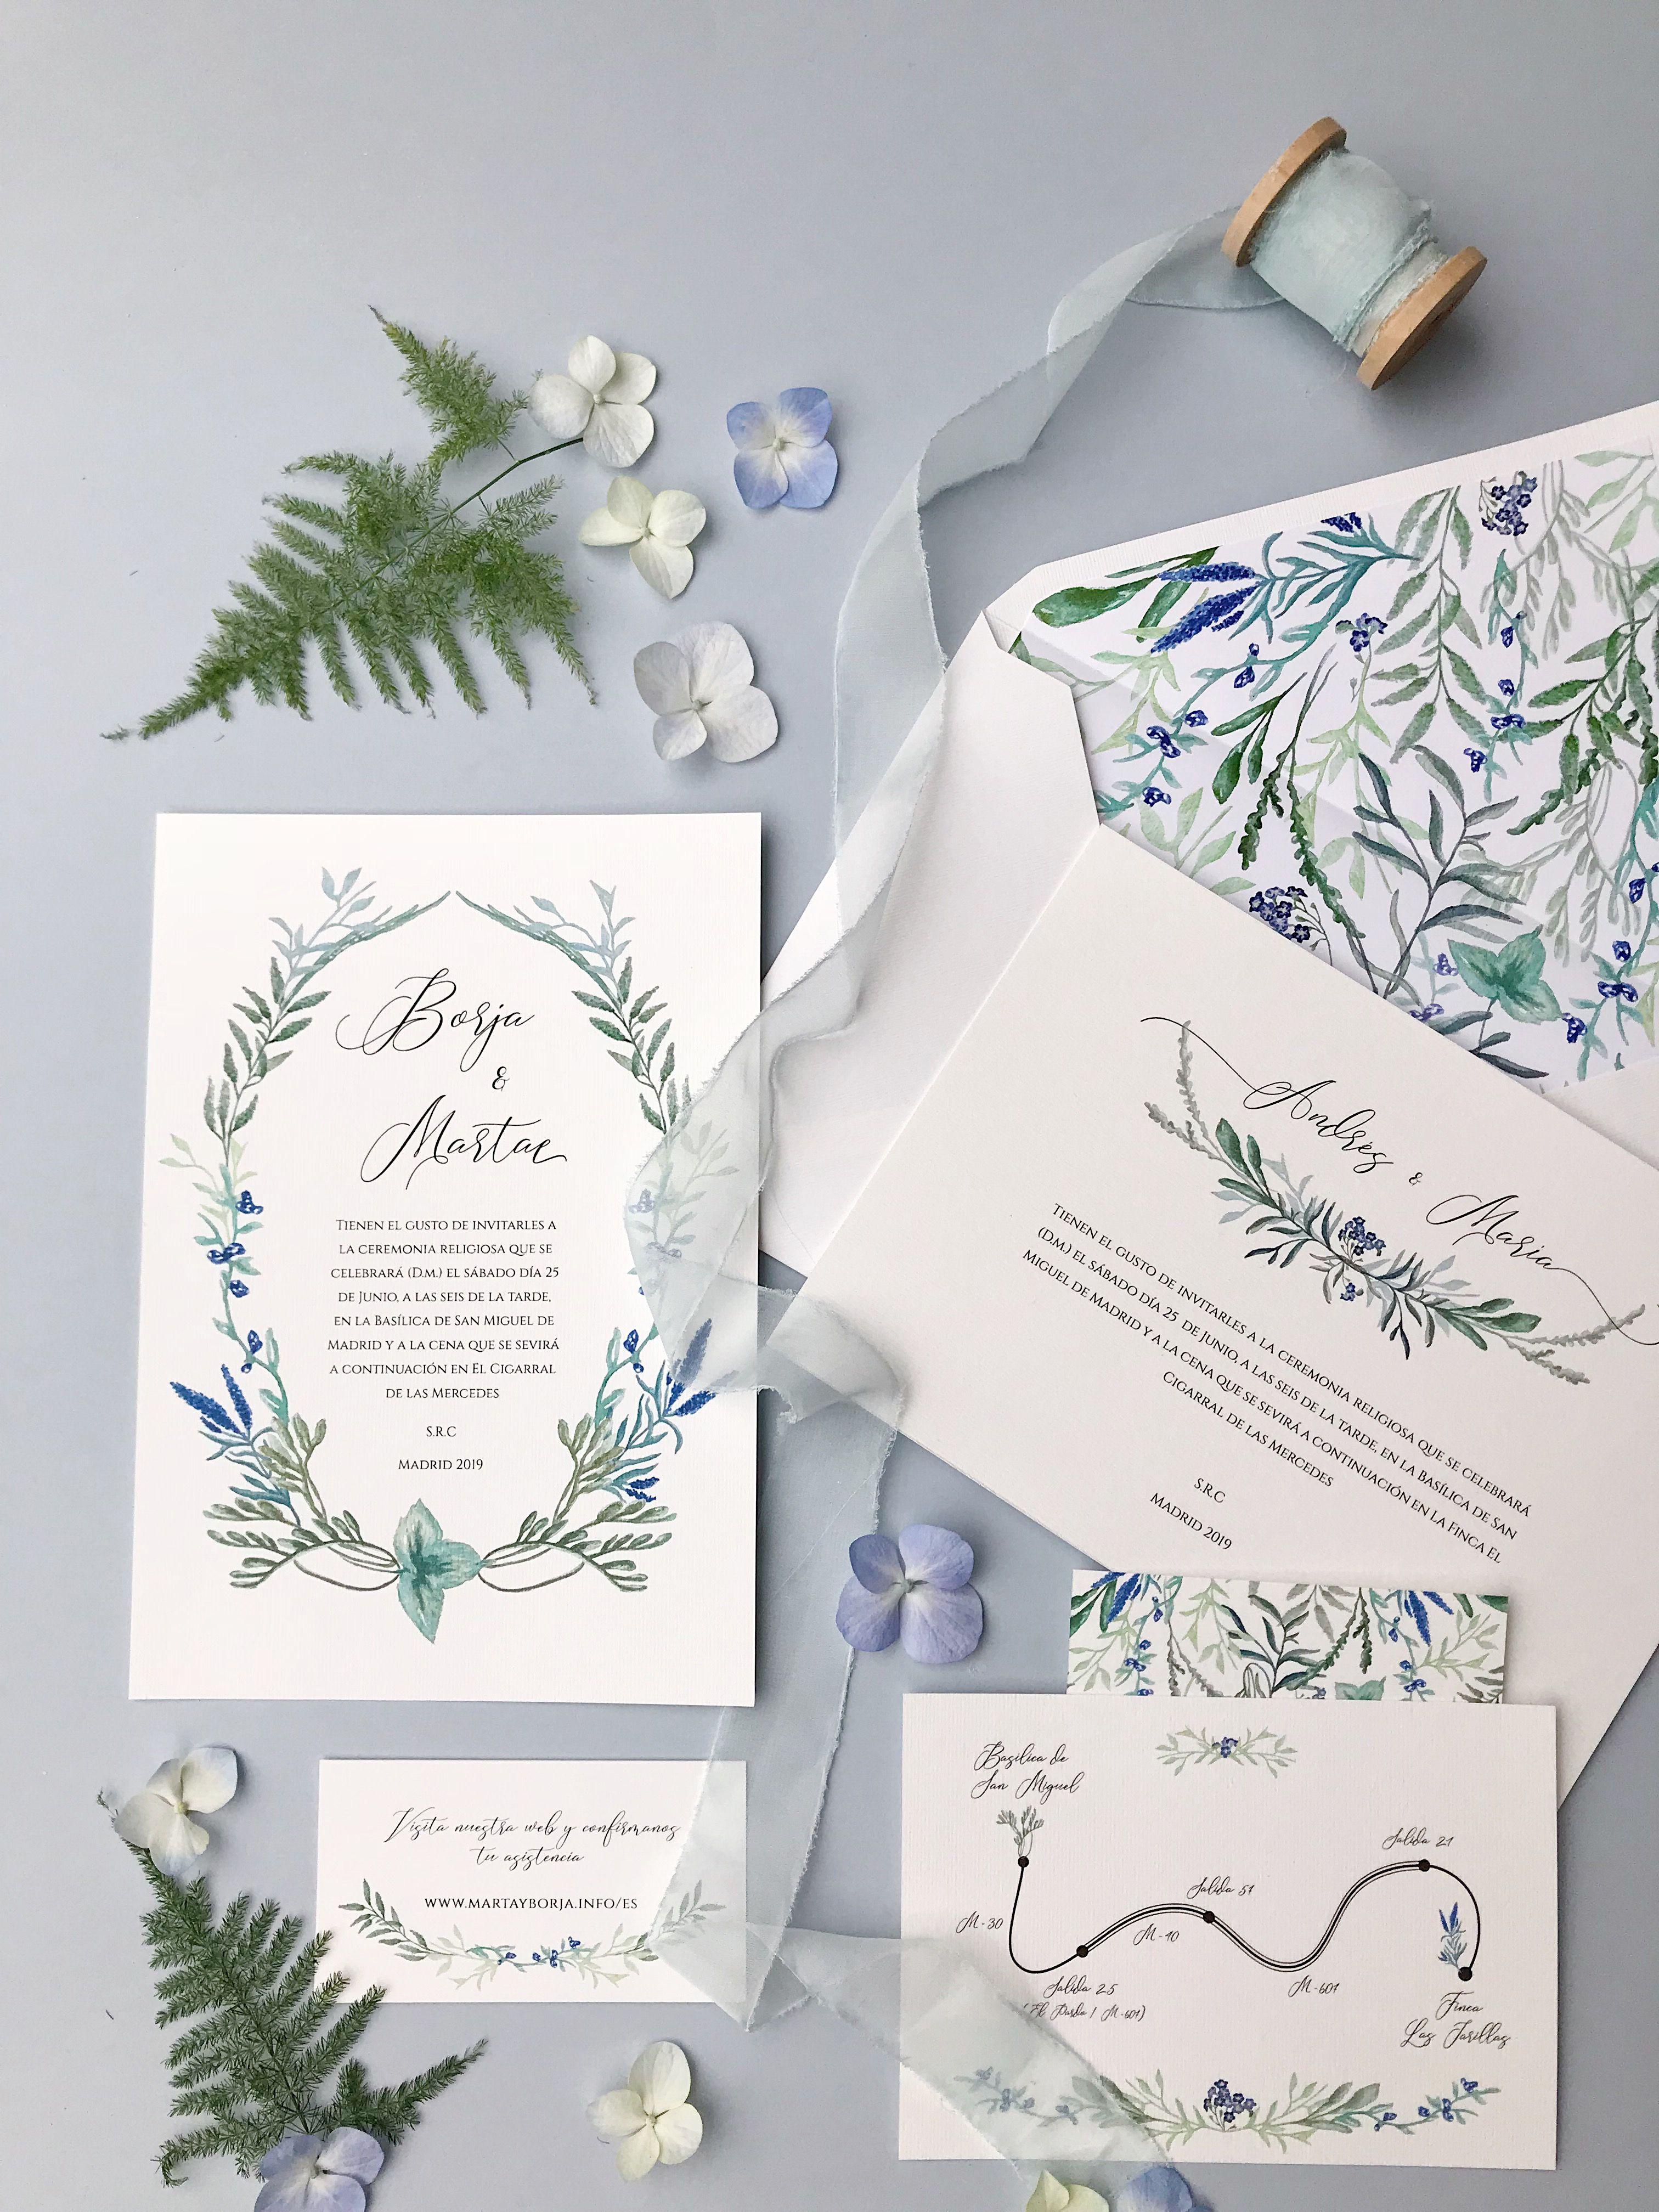 Invitaciones de boda originales personalizadas Marmarina